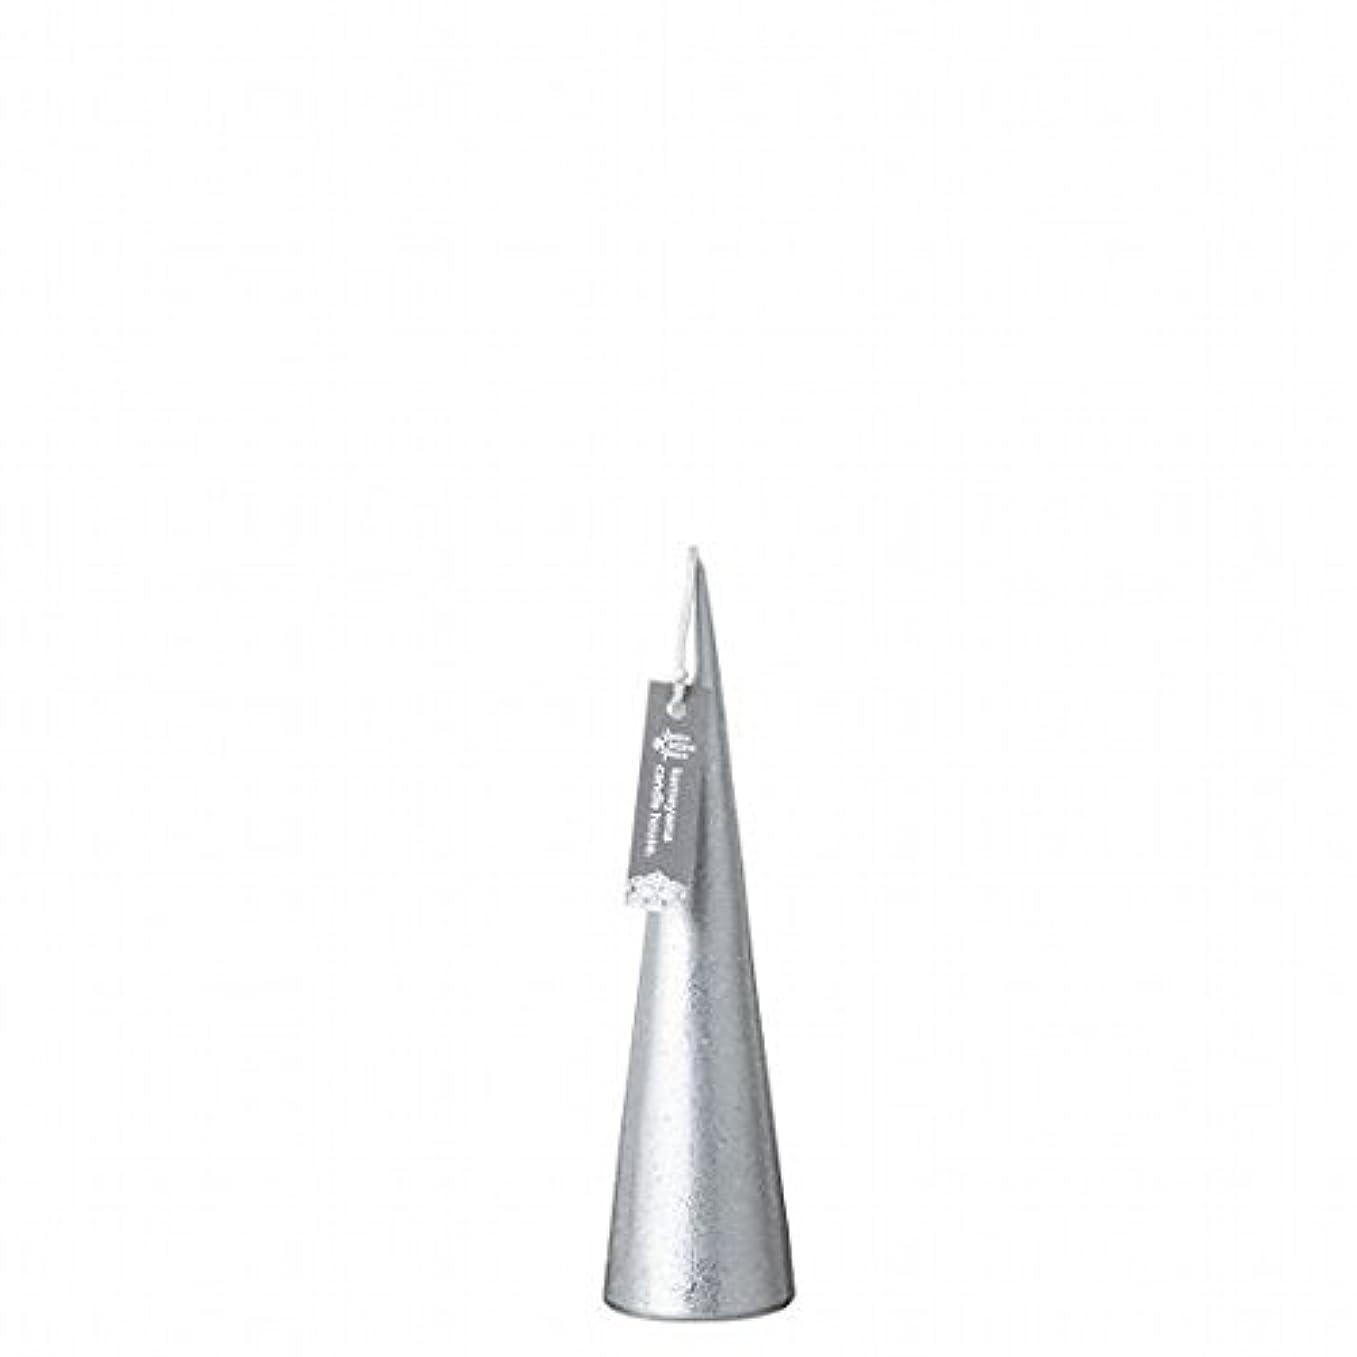 kameyama candle(カメヤマキャンドル) メタリックコーンS 「 シルバー 」(A9560100SI)